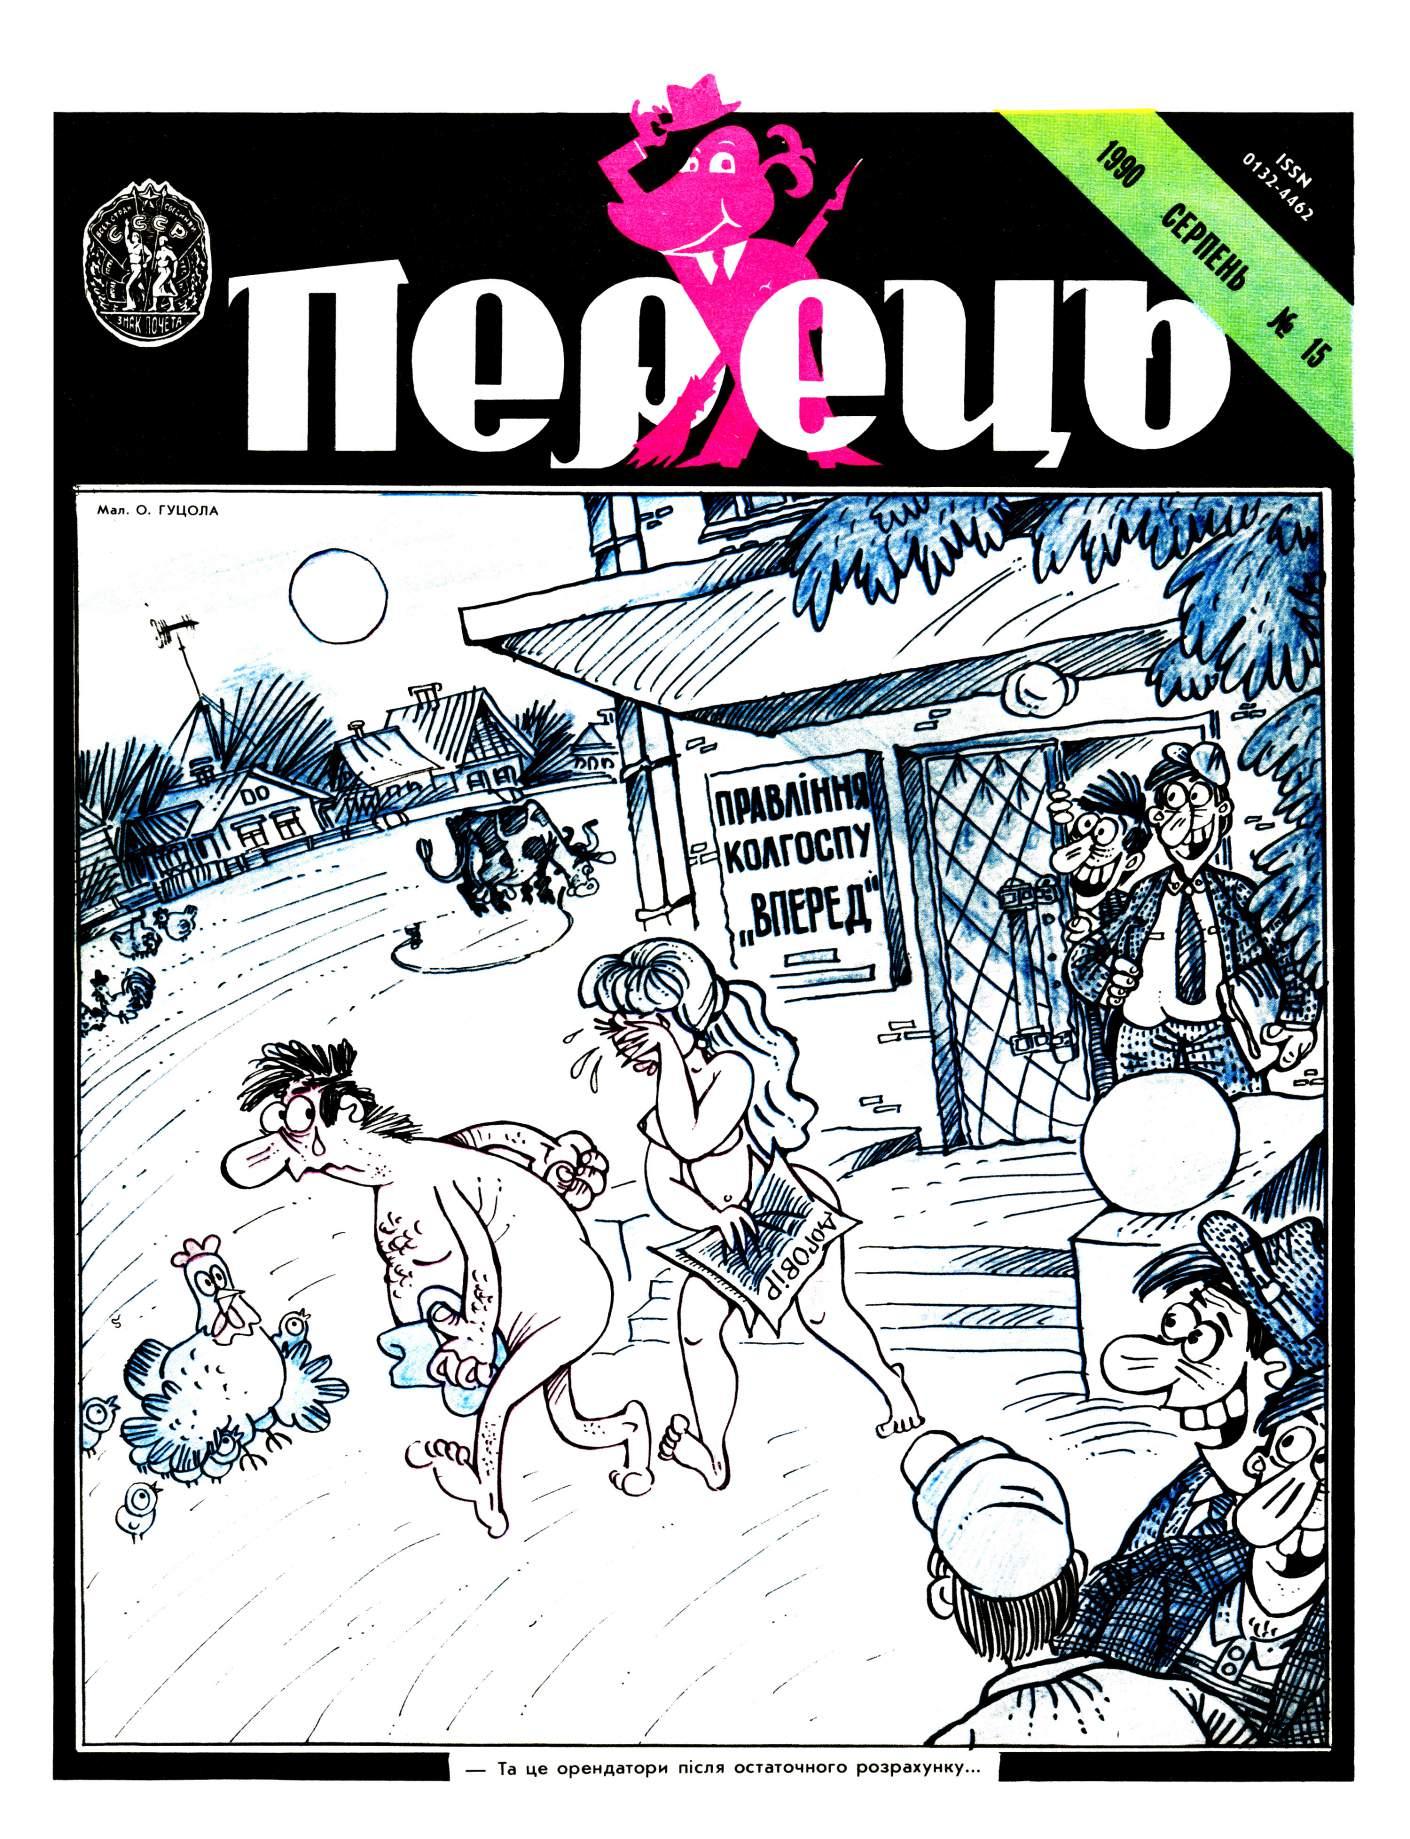 Журнал перець 1990 №15